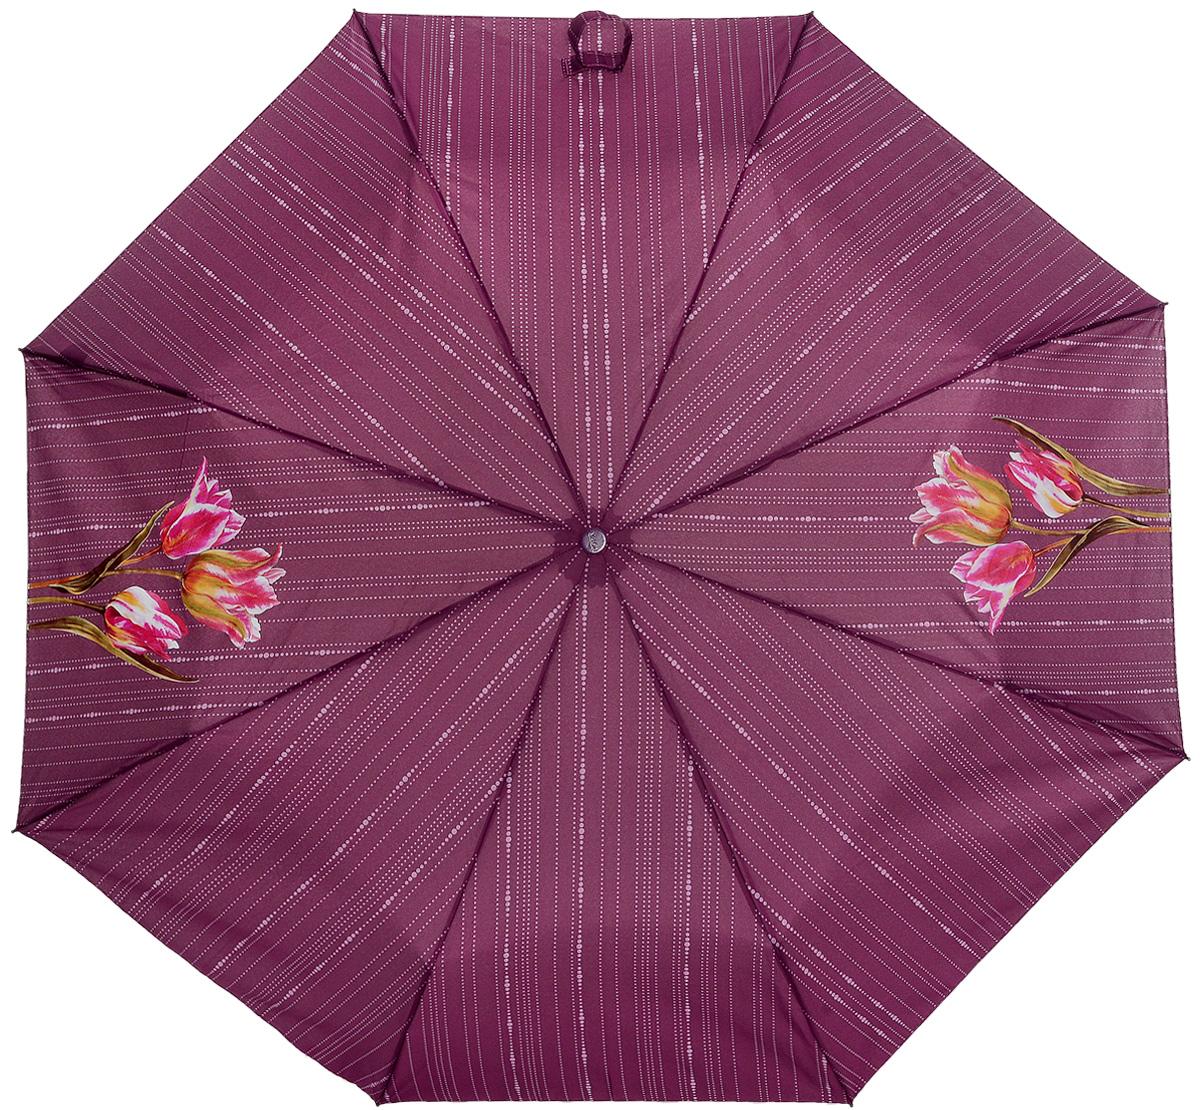 Зонт женский Airton, механический, 3 сложения, цвет: бордовый, зеленый. 3511-1783511-178Классический женский зонт Airton в 3 сложения имеет механическую систему открытия и закрытия. Каркас зонта выполнен из восьми спиц на прочном стержне. Купол зонта изготовлен из прочного полиэстера. Практичная рукоятка закругленной формы разработана с учетом требований эргономики и выполнена из качественного пластика с противоскользящей обработкой. Такой зонт оснащен системой антиветер, которая позволяет спицам при порывах ветрах выгибаться наизнанку, и при этом не ломаться. К зонту прилагается чехол.